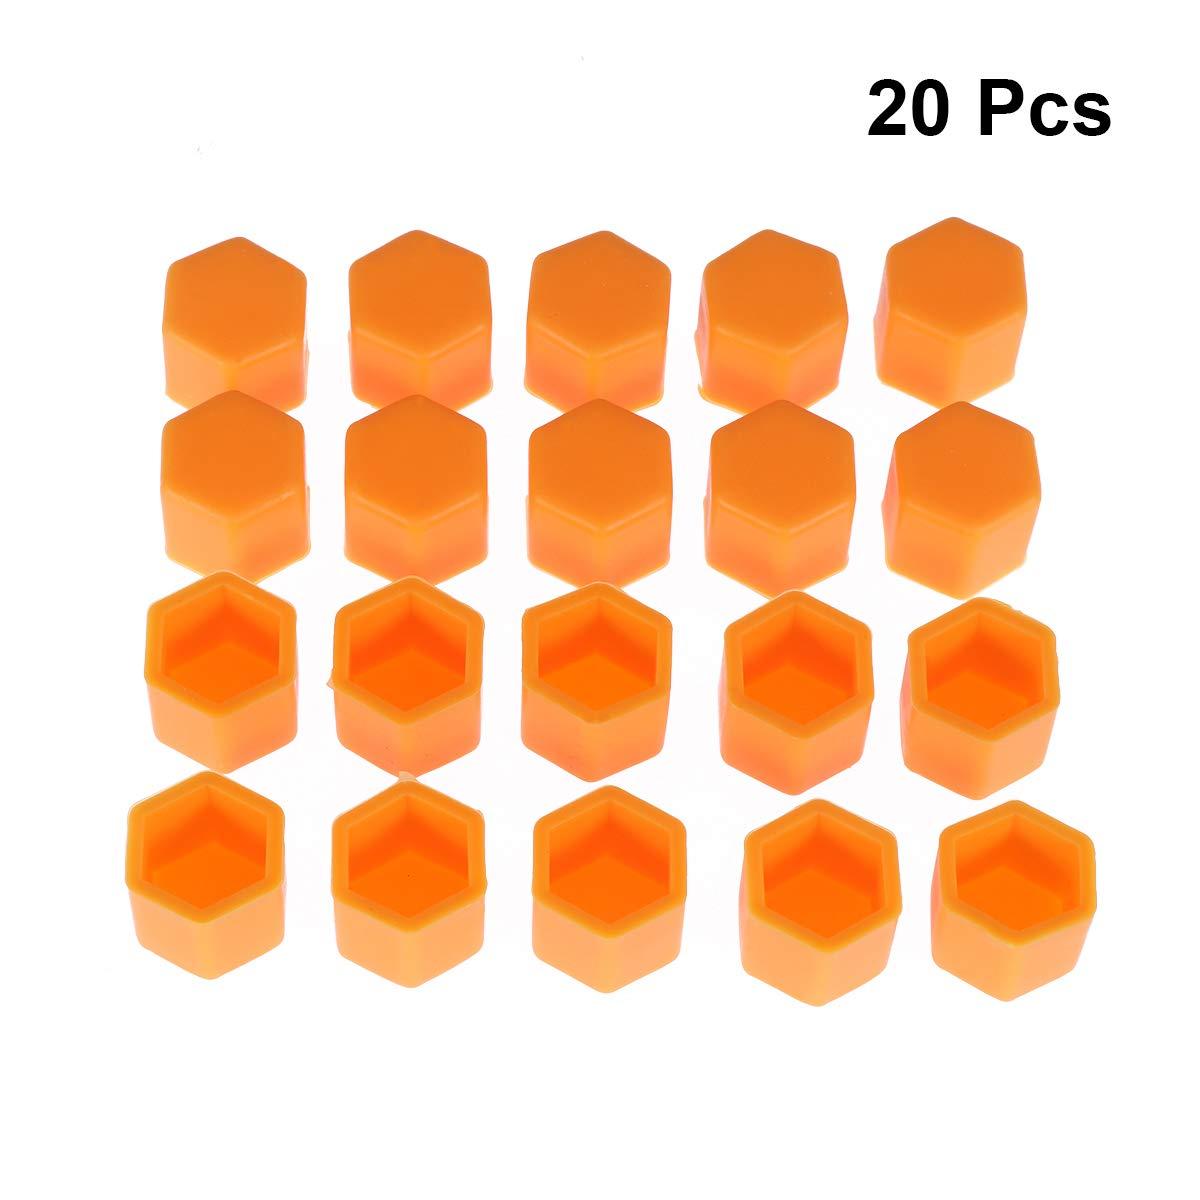 Arancione Vosarea 20pcs Copri bulloni per Dadi Ruota bulloni Copri Viti Proteggi Tappi 21mm